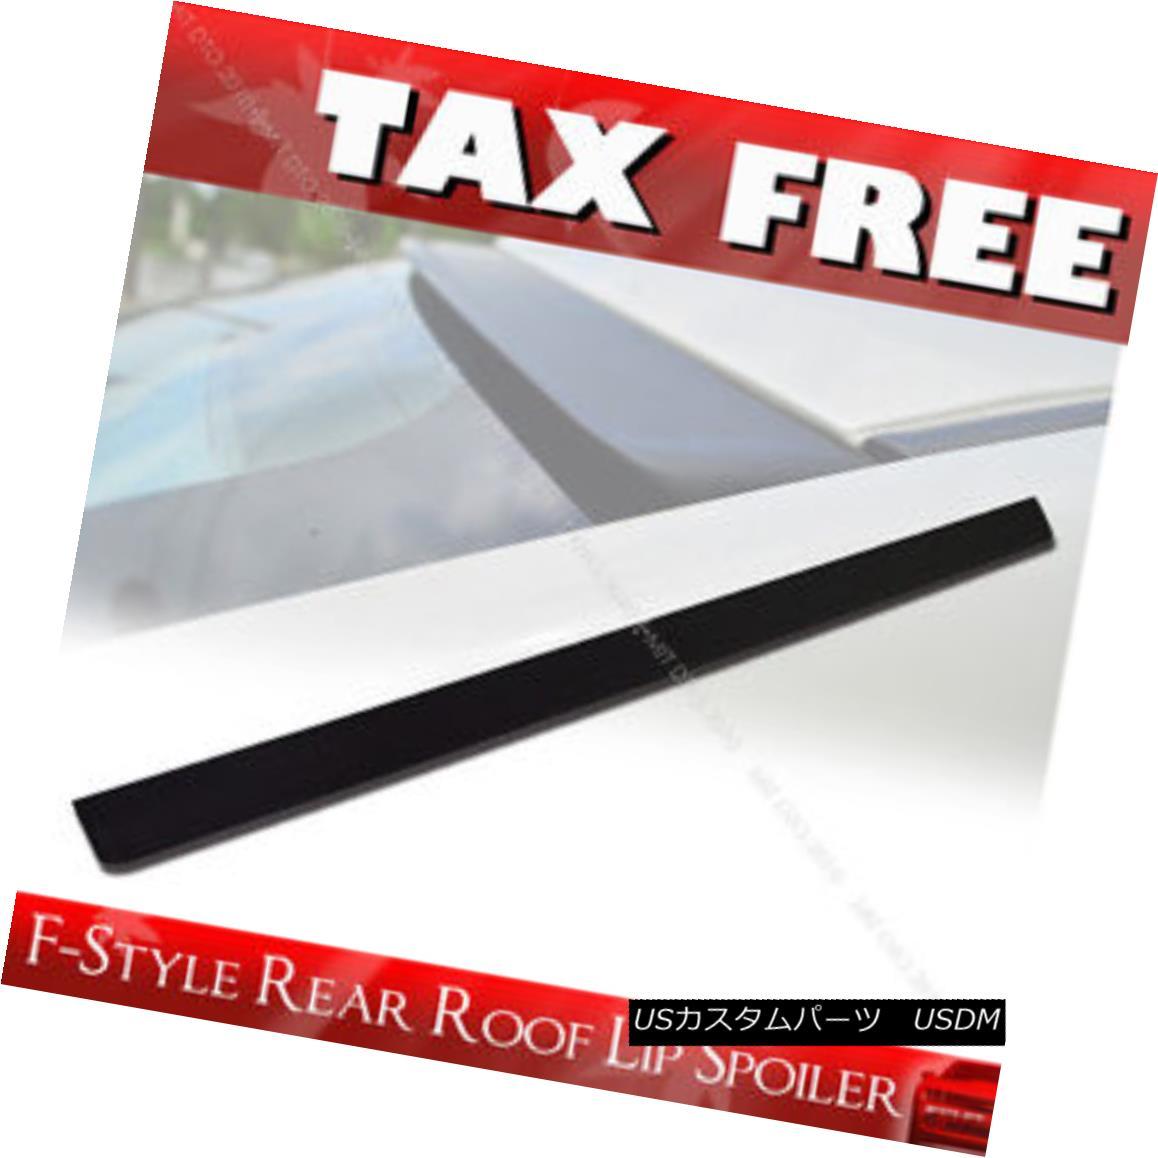 エアロパーツ Unpainted F-Style Roof Spoiler Wing For 09-15 NISSAN 370Z Z34 PUF 2DR COUPE § 09-15日産370Z Z34 PUF 2DR COUPEぬいぐるみFスタイルルーフスポイラーウイング